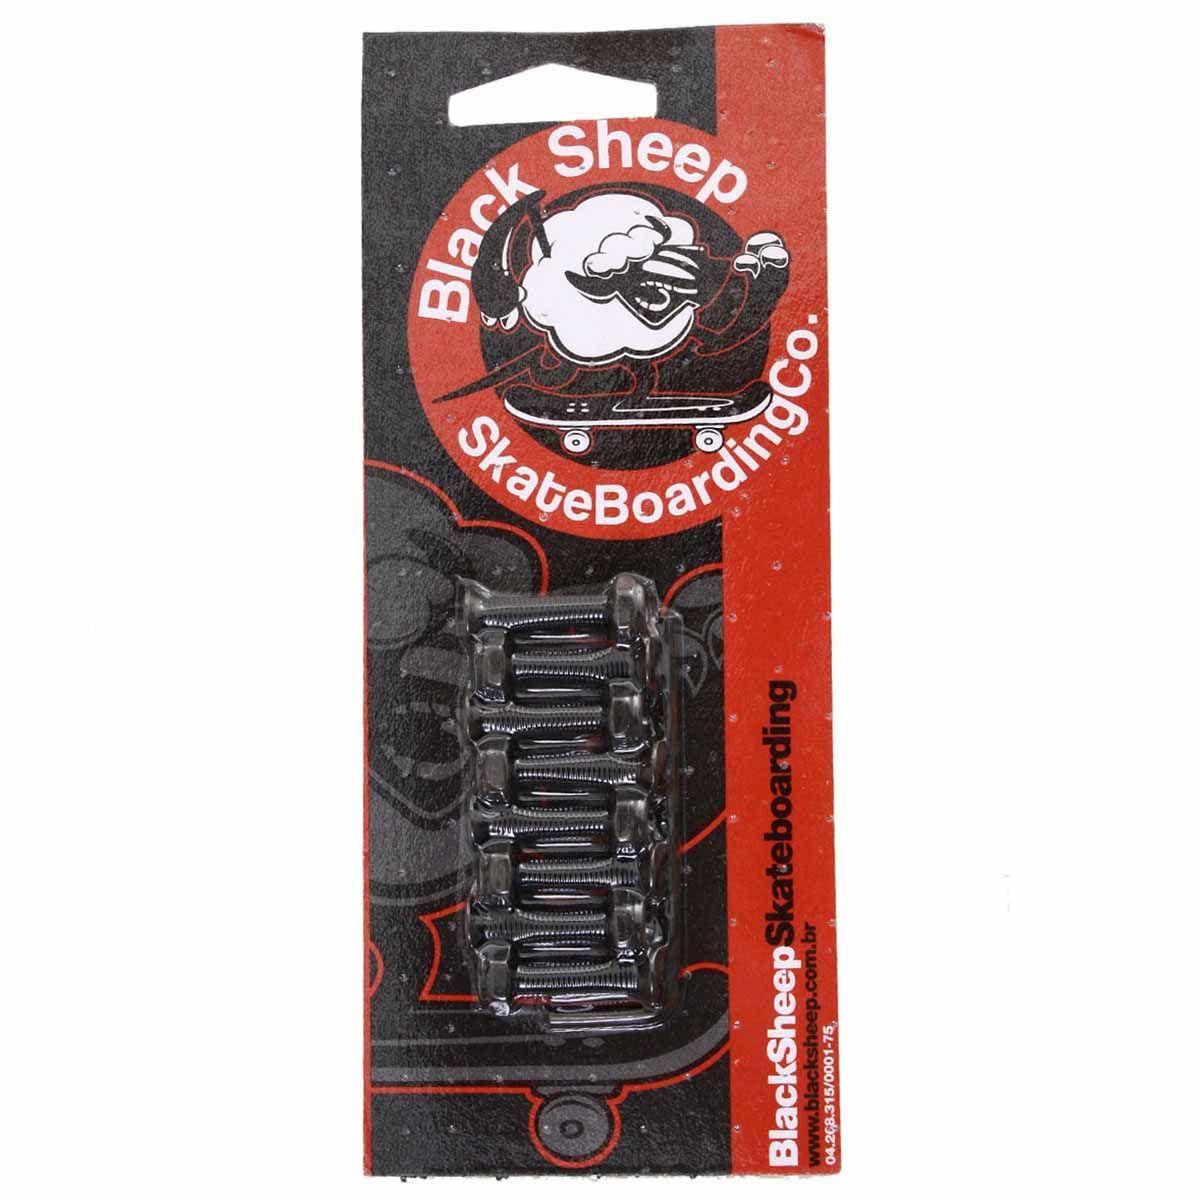 Parafuso de Base Black Sheep Porca 10